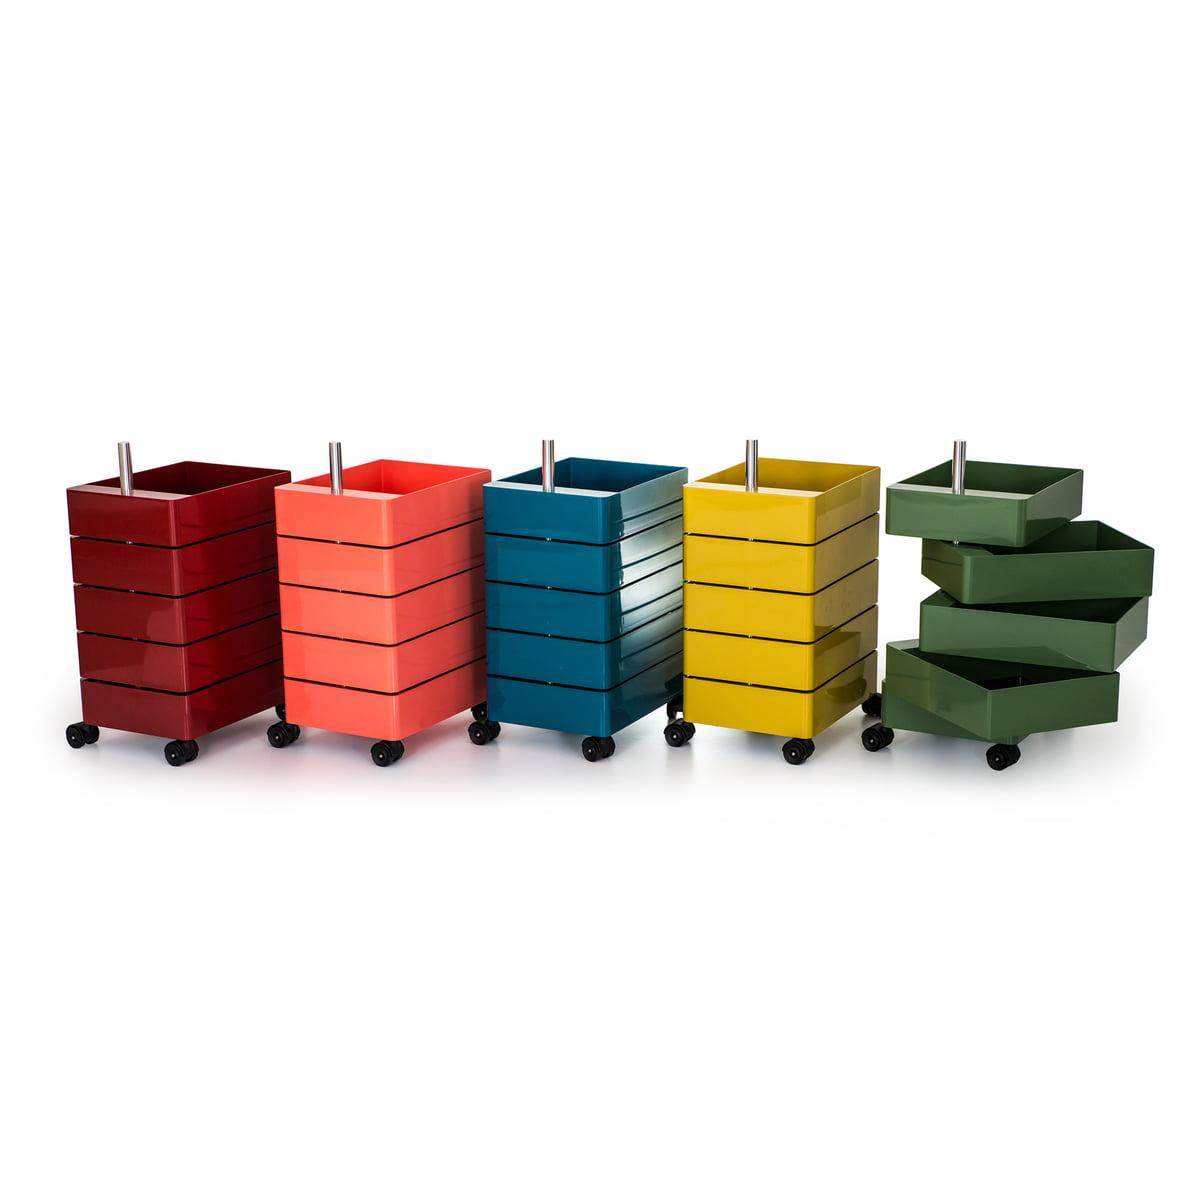 360 Container Von Magis Connox